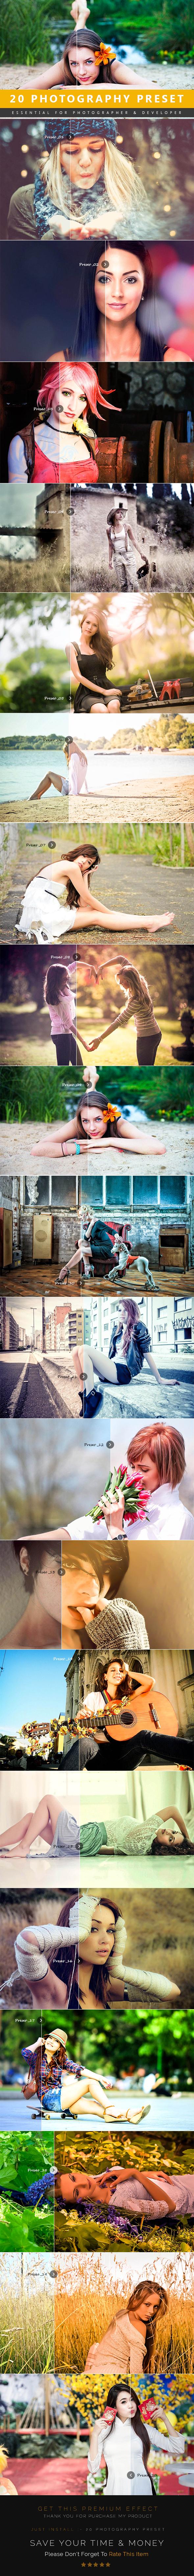 20 Photography Lightroom Preset - Lightroom Presets Add-ons